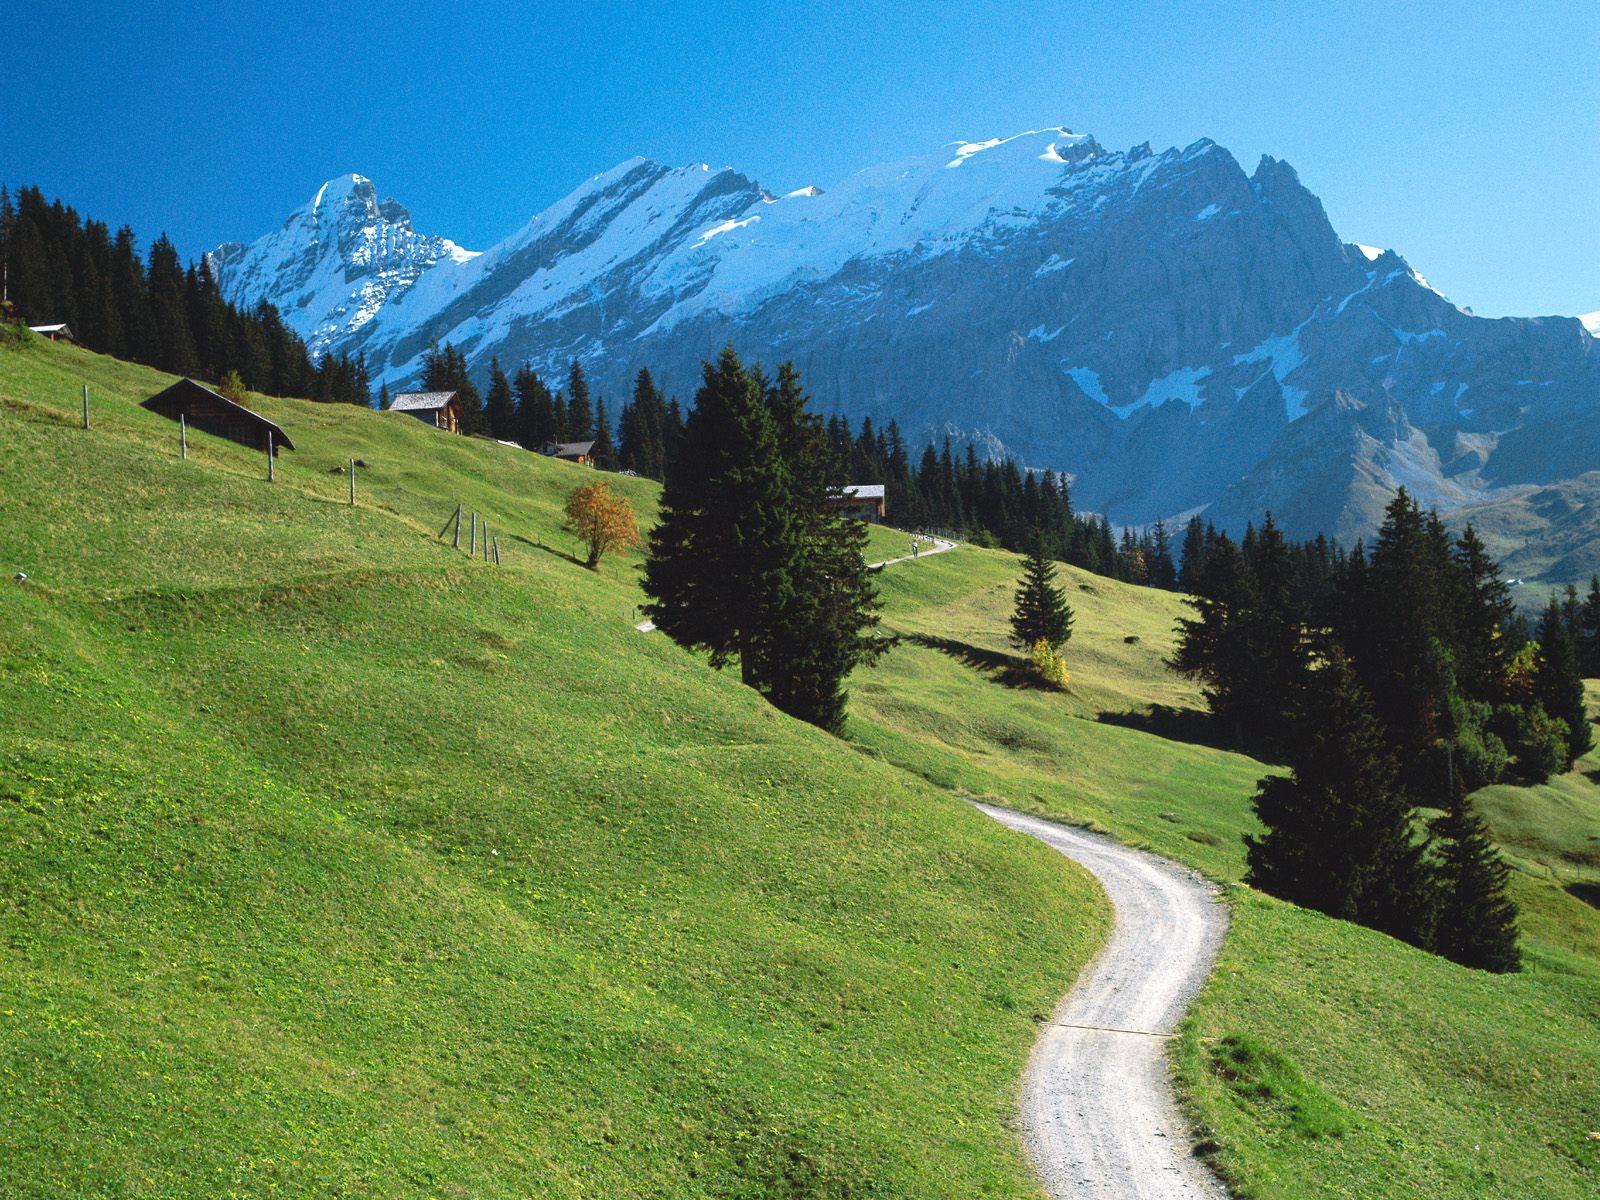 Paesaggio Alpino Con Neve